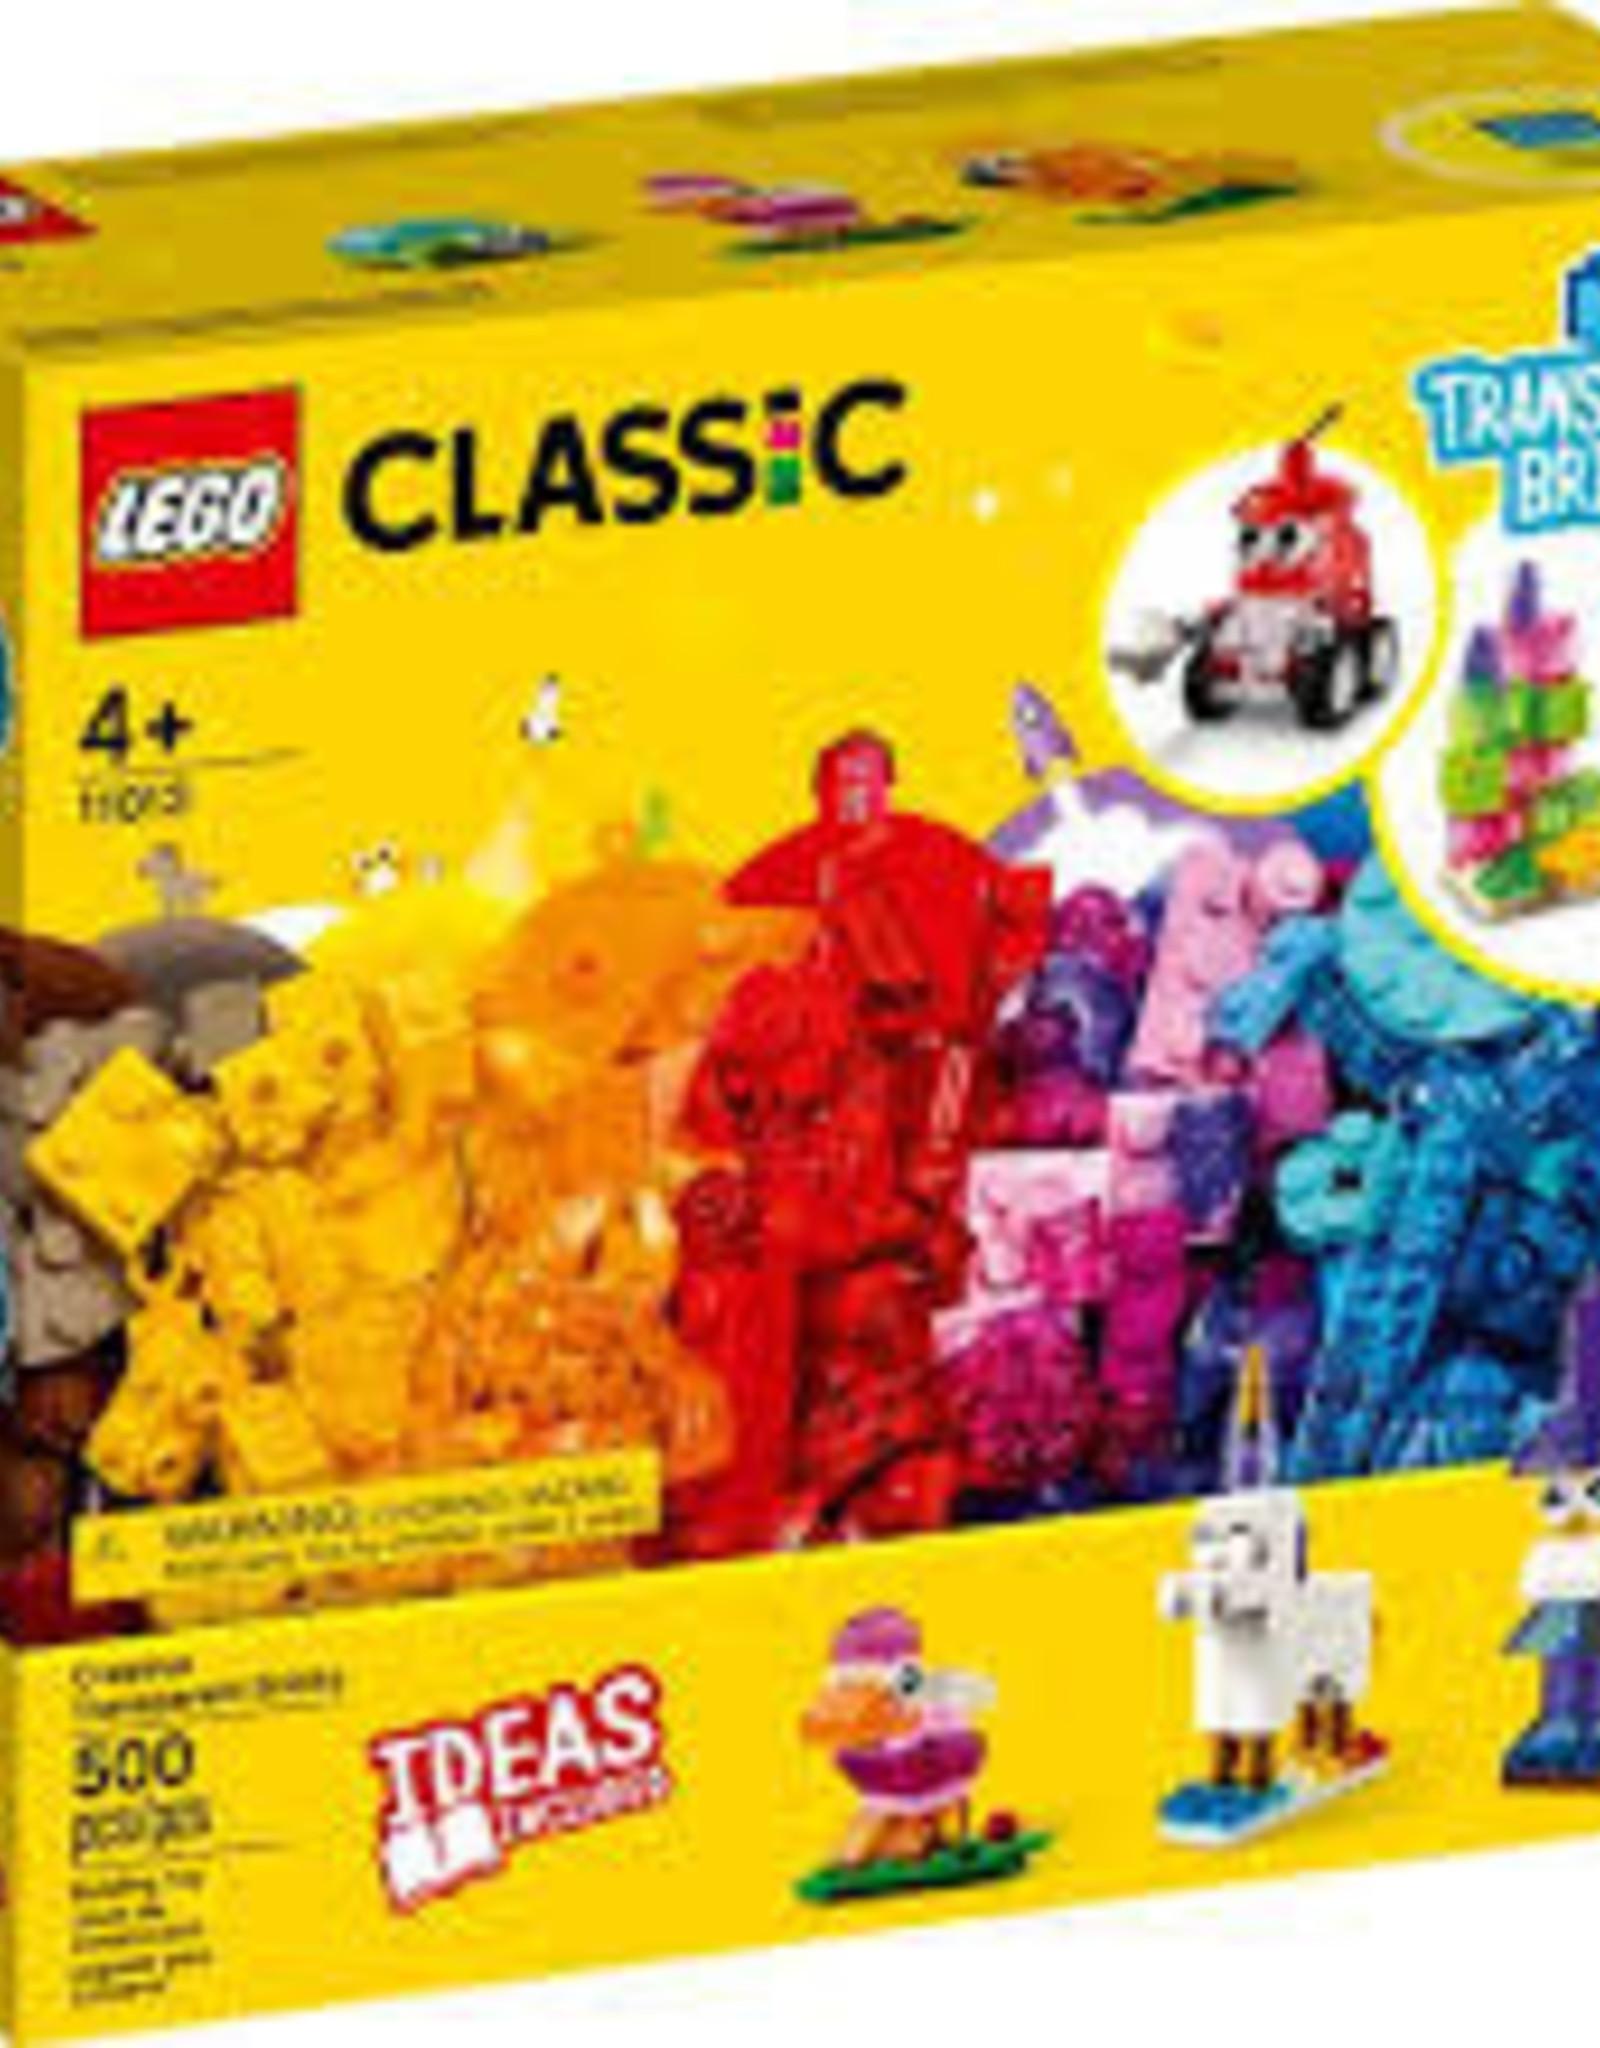 Classic Creative Transparent Bricks